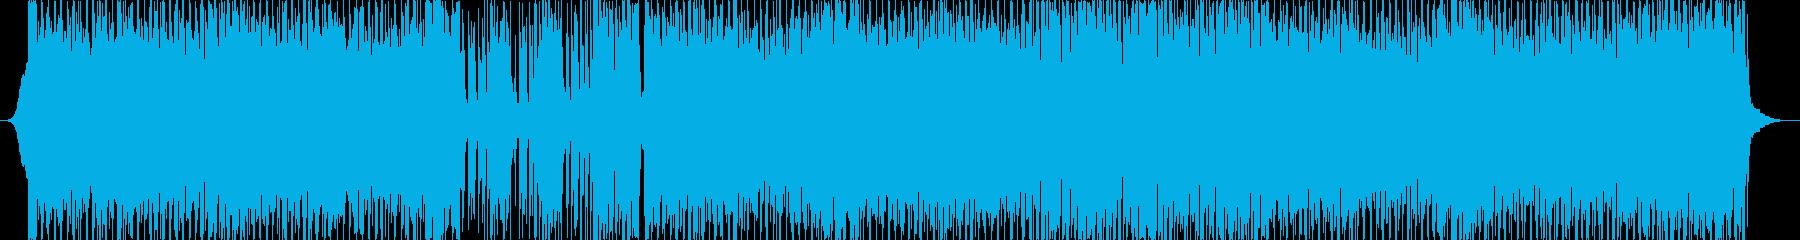 疾走感のあるBGMですの再生済みの波形